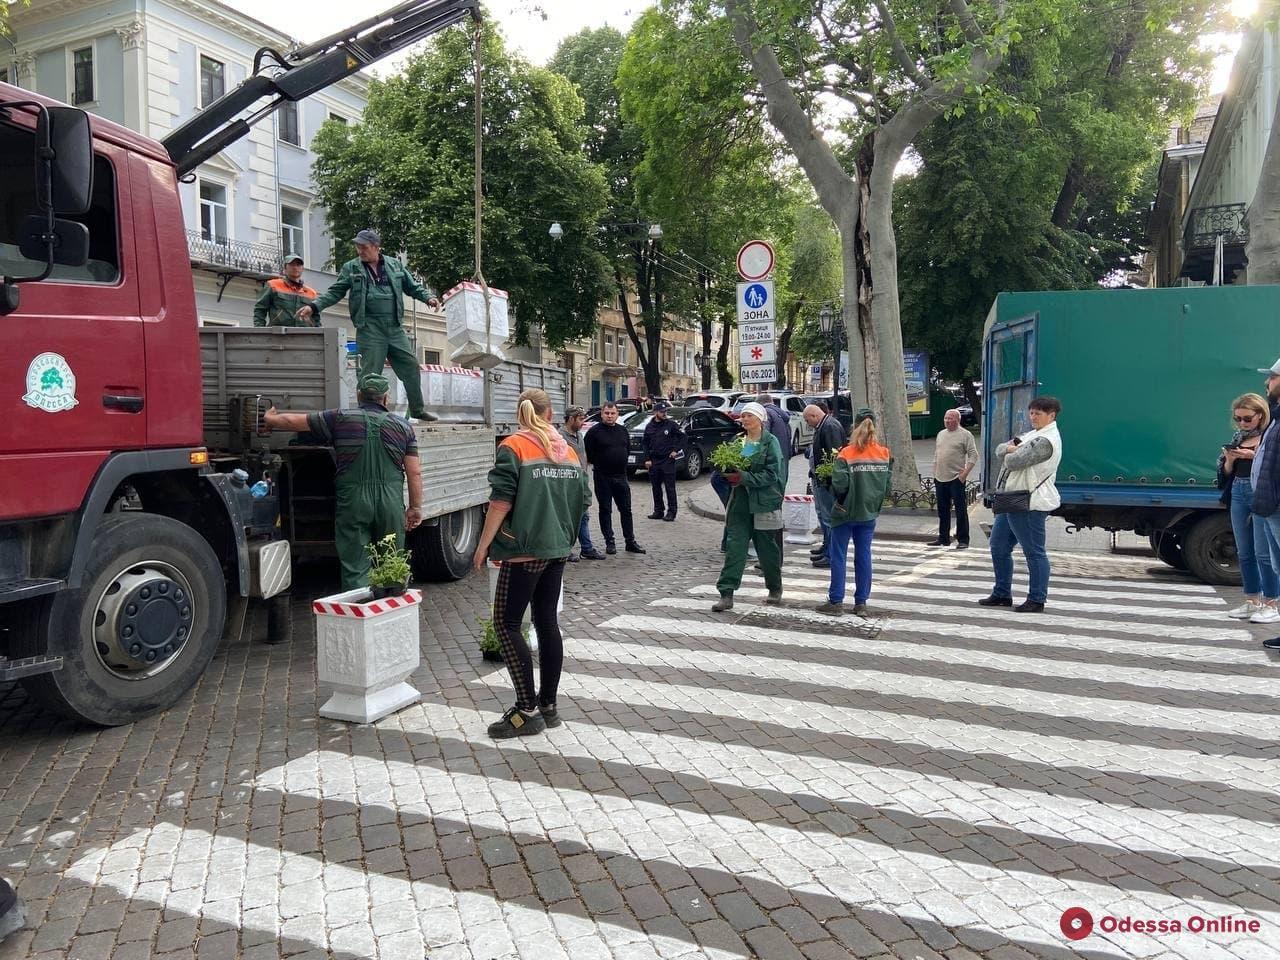 Одесские коммунальщики с помощью клумб превращают центральную часть города в пешеходную зону